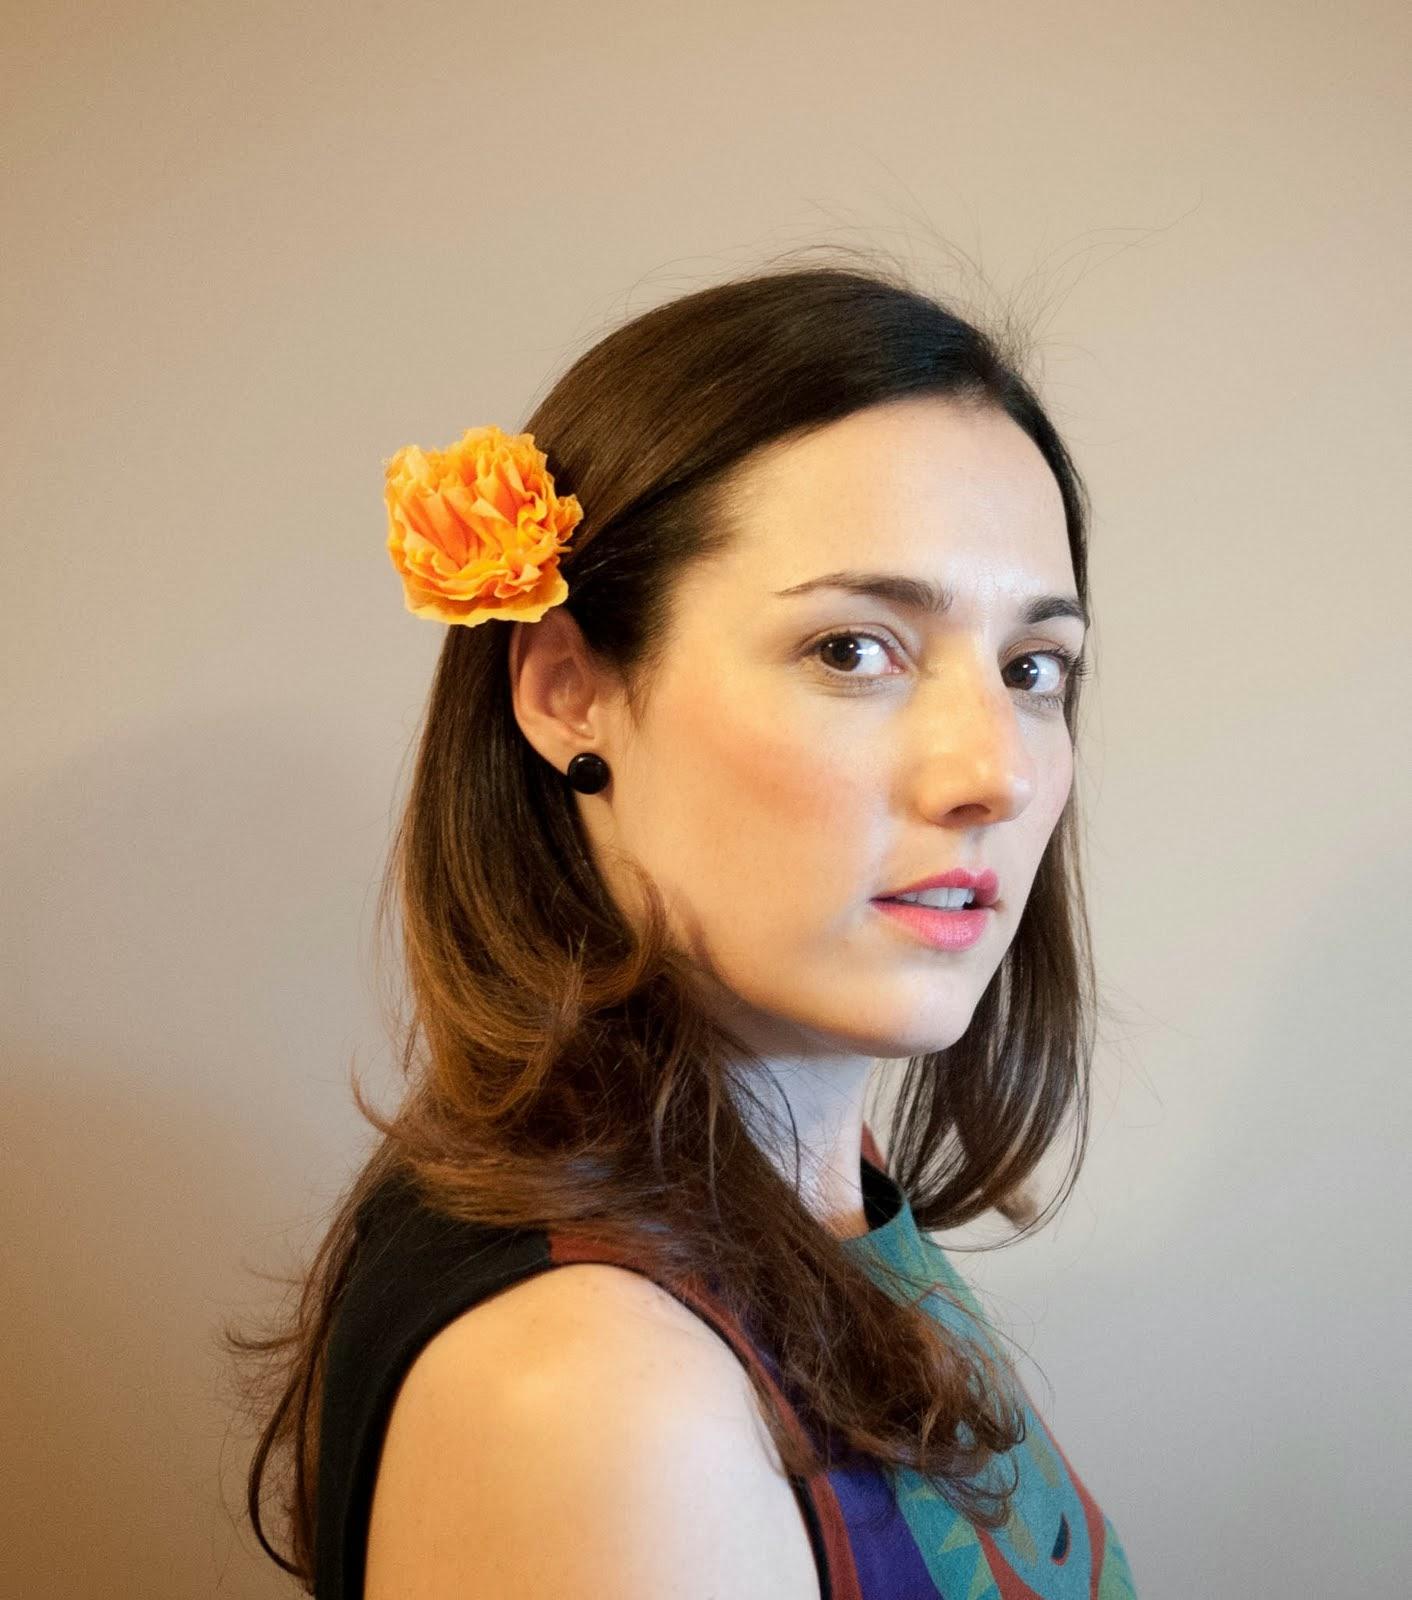 Con flor de papel en el pelo